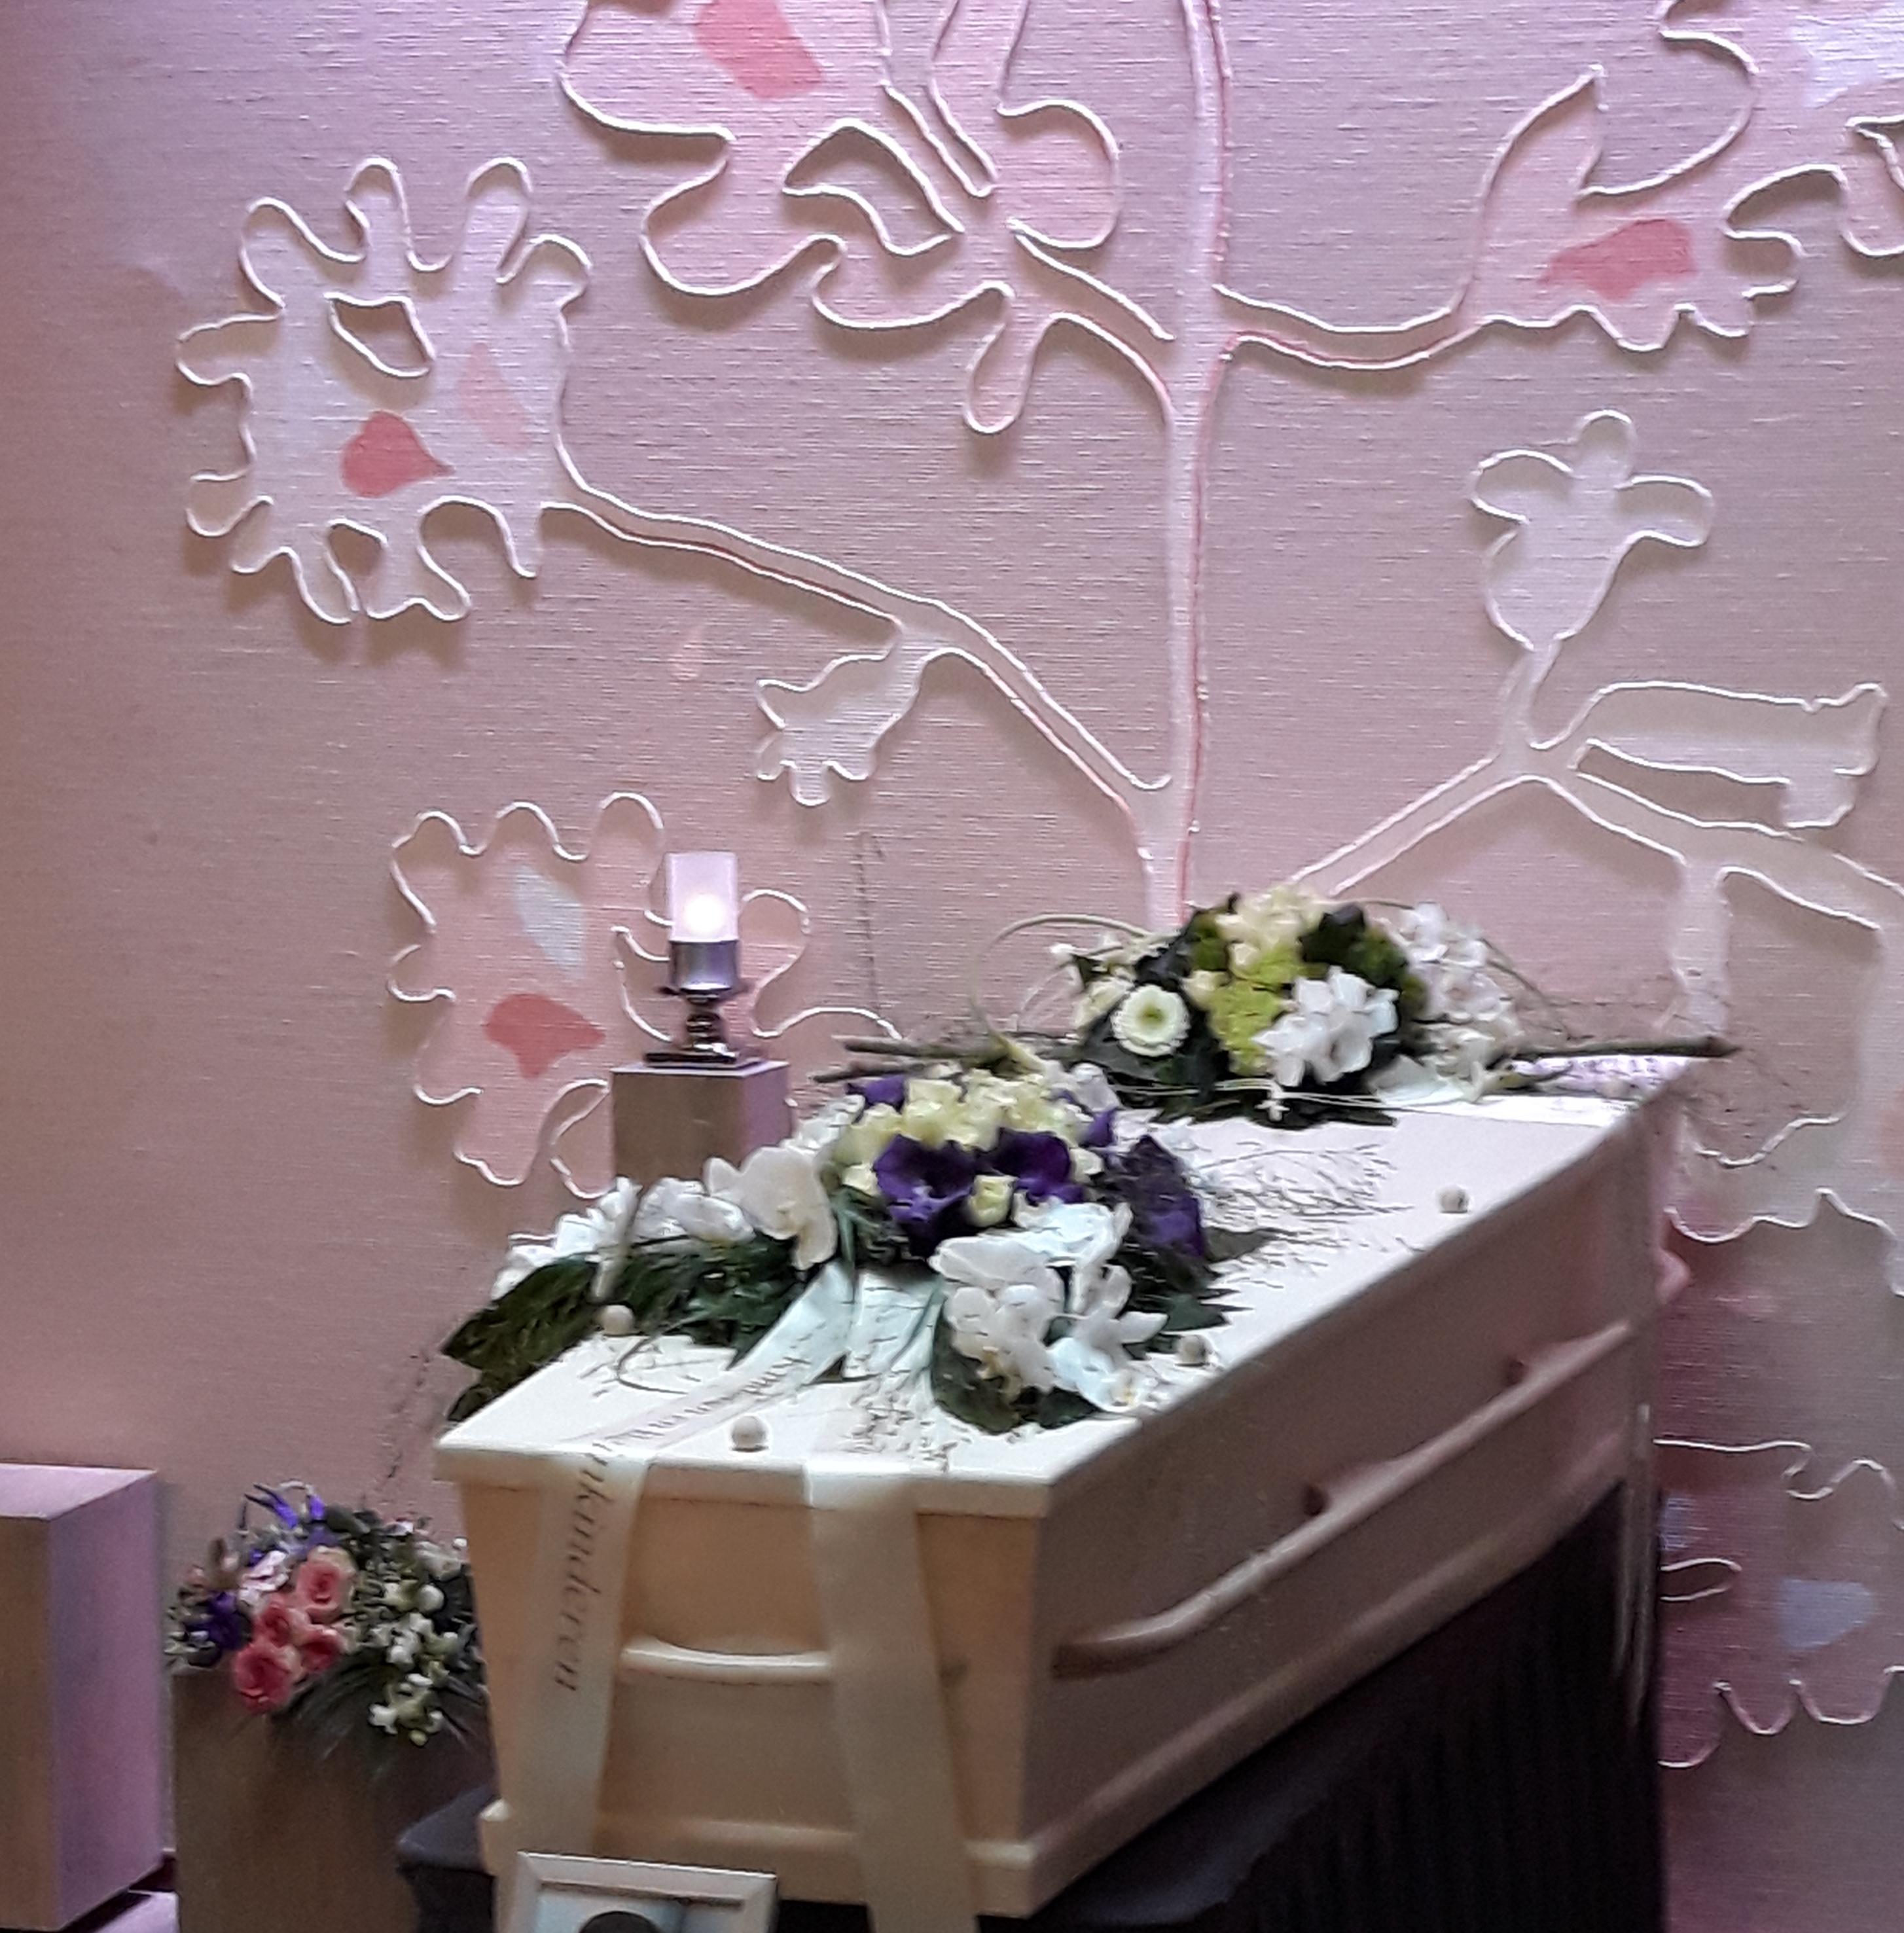 Populieren kist met paars-witte rouwstukken